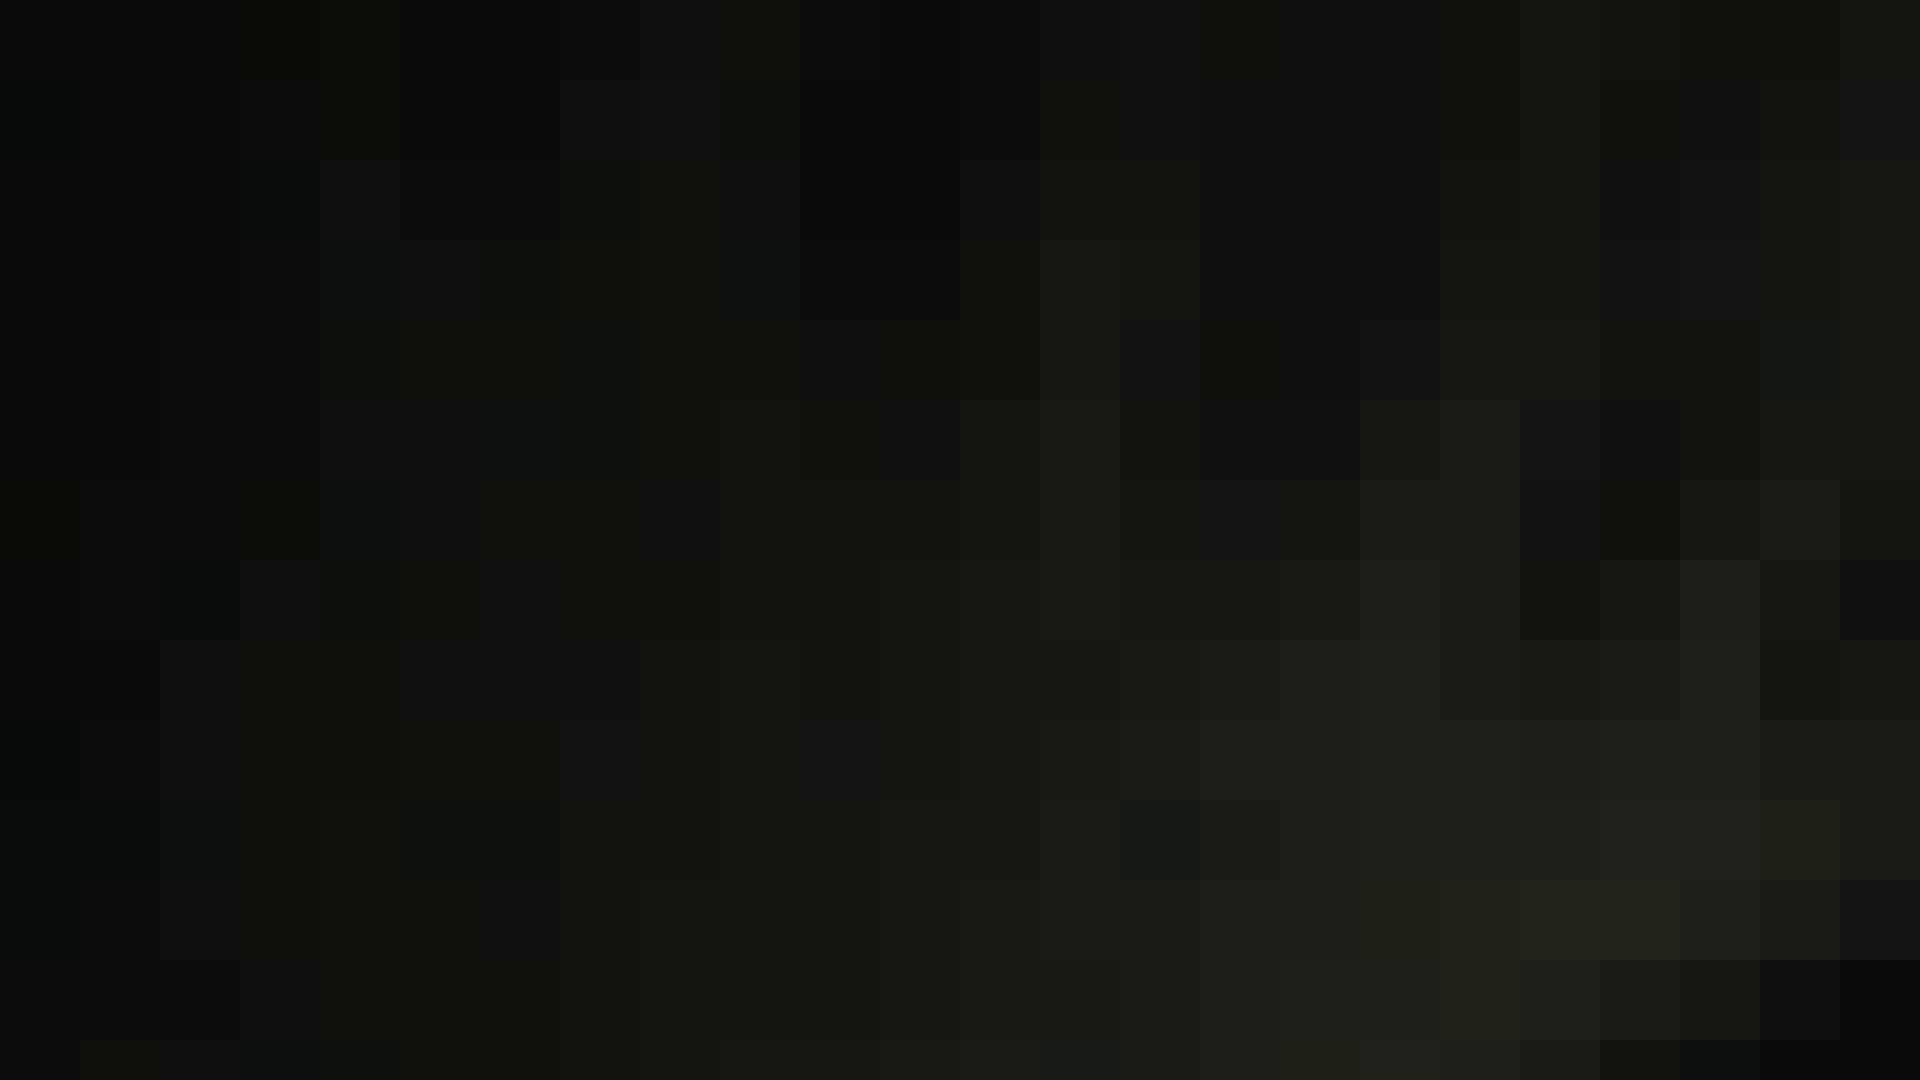 阿国ちゃんの「和式洋式七変化」No.18 iBO(フタコブ) 和式で・・・ SEX無修正画像 96画像 77